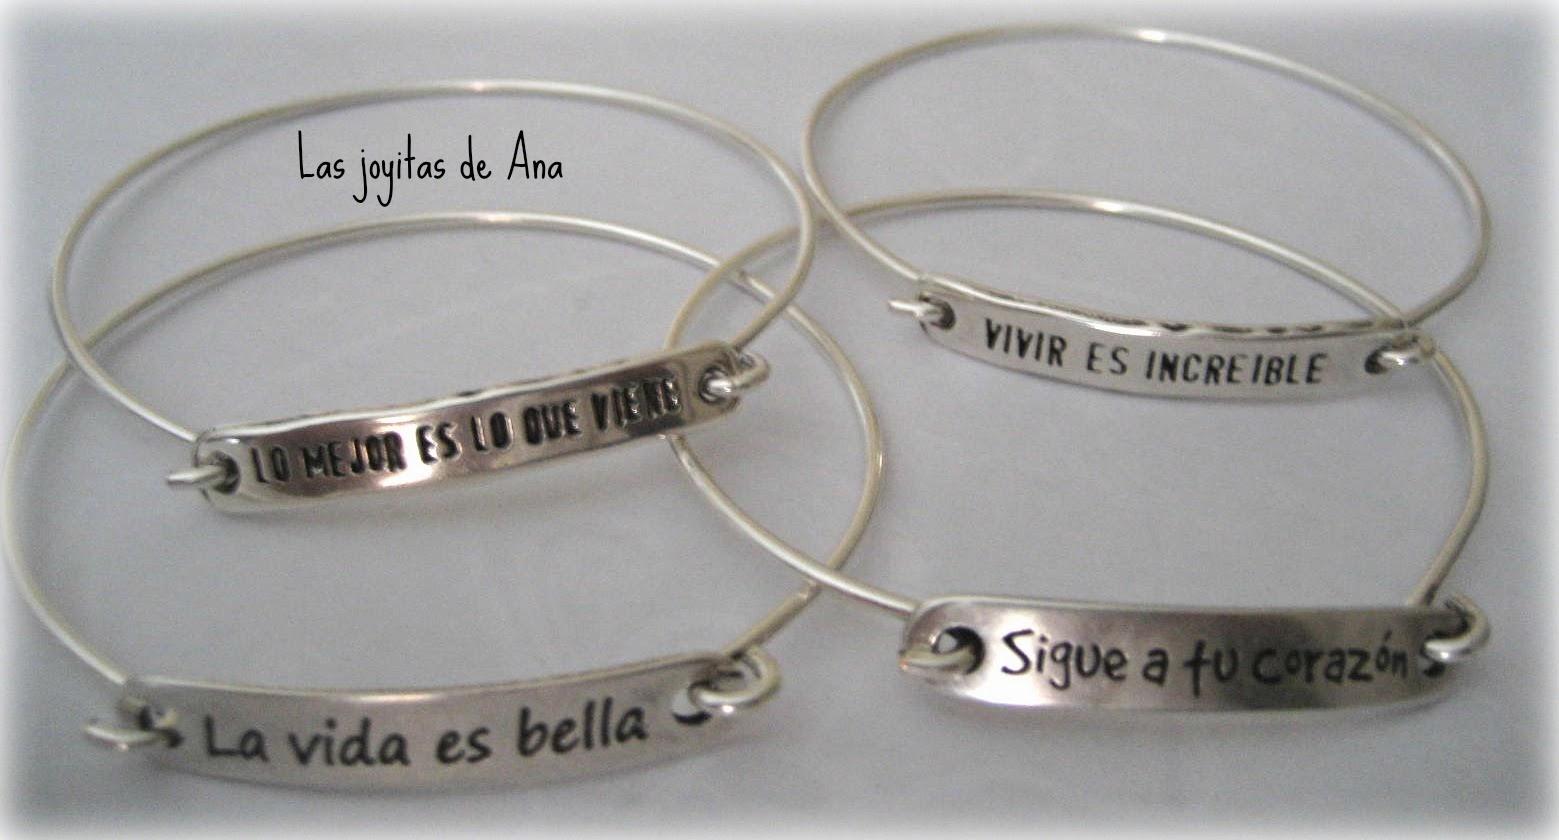 8b82a2f135f7 Mis joyitas  Sara Carbonero pulseras con mensaje baño de plata ..